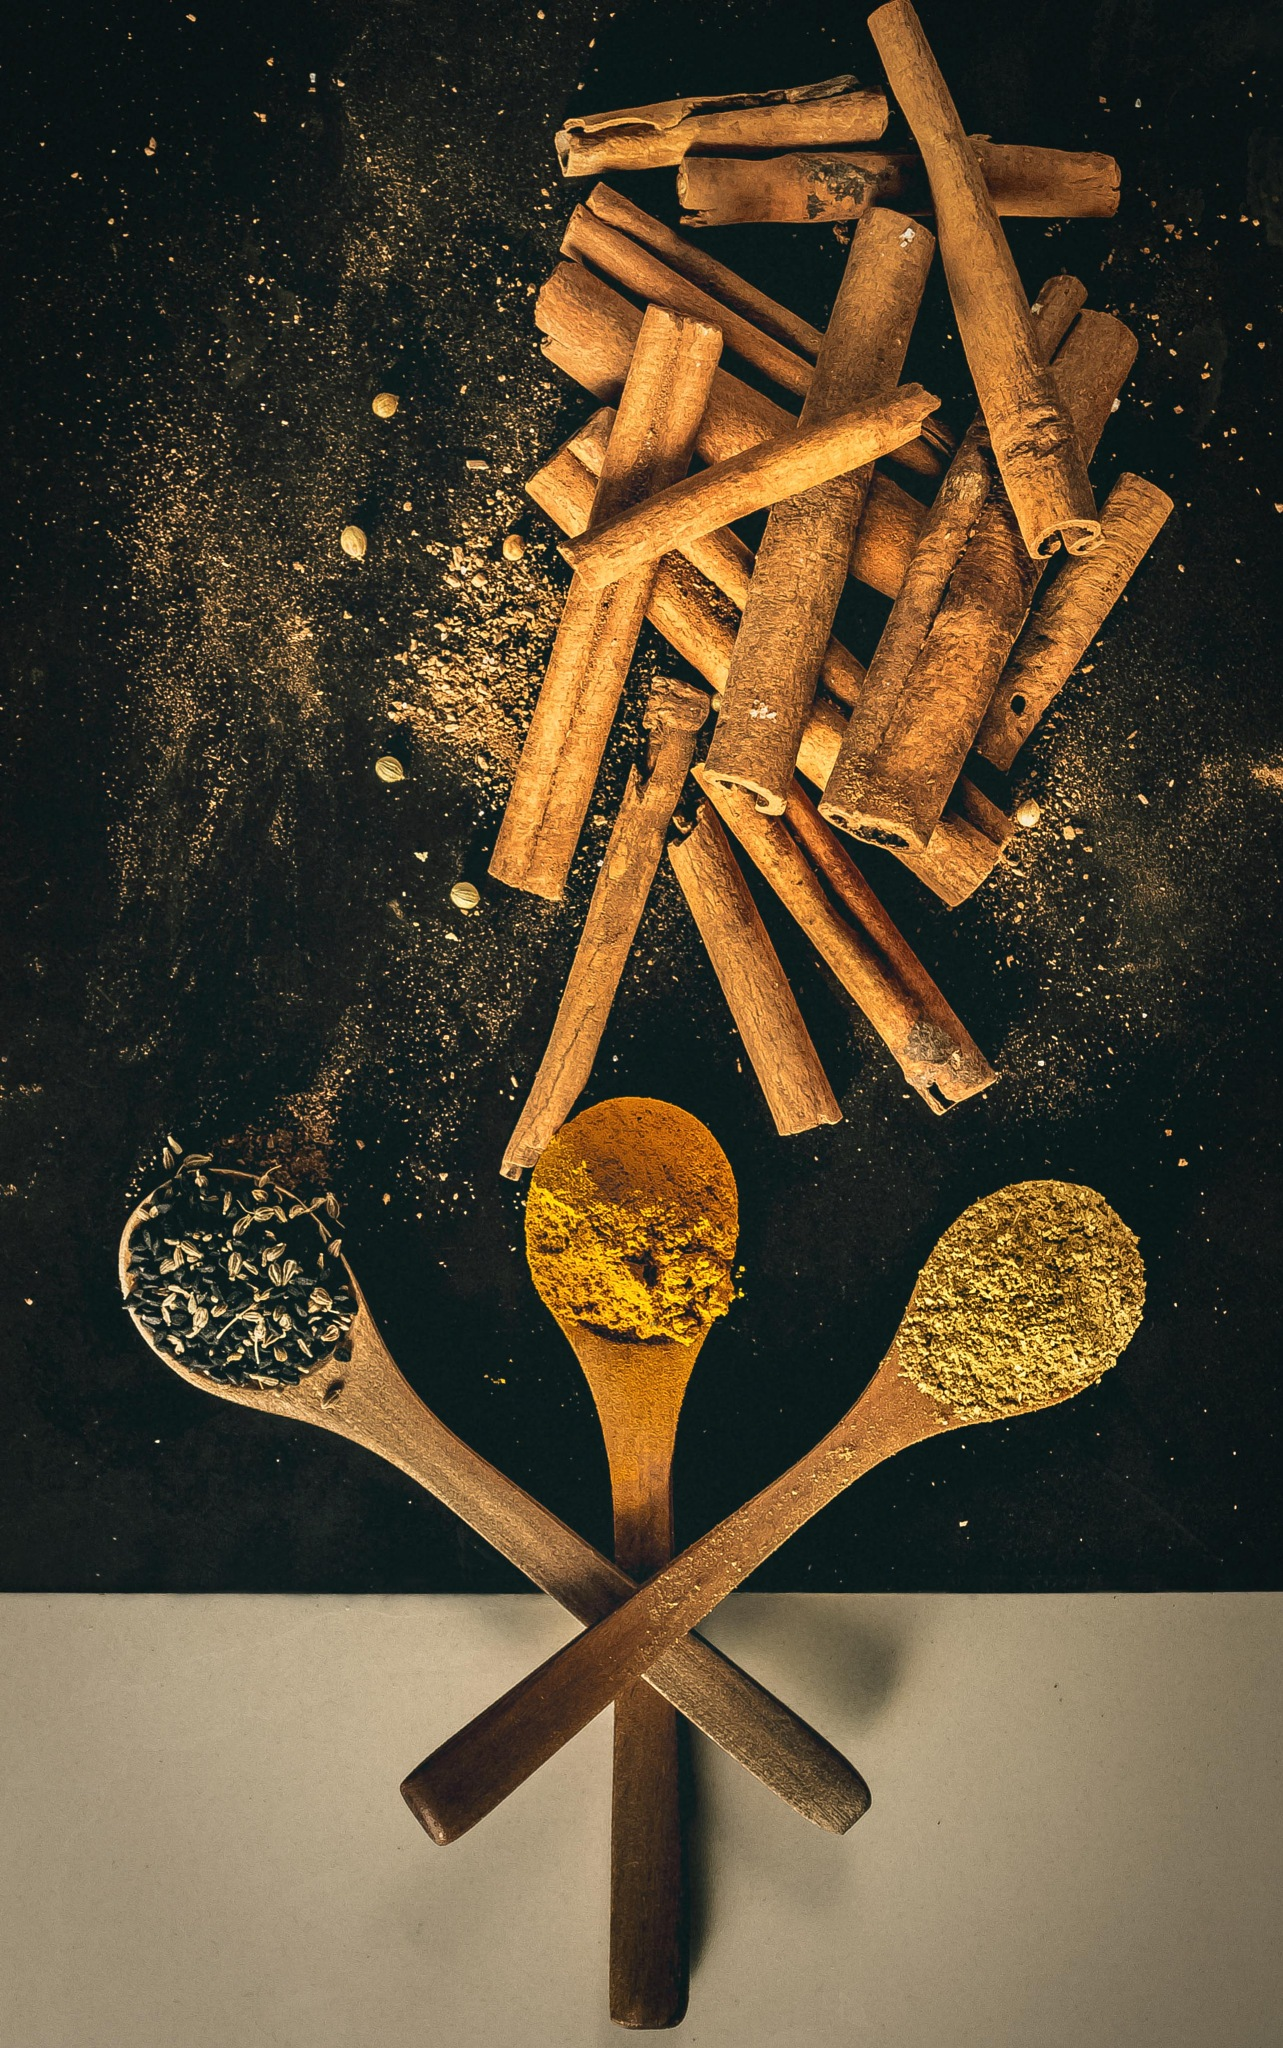 Spices  by Abdelakader Guira